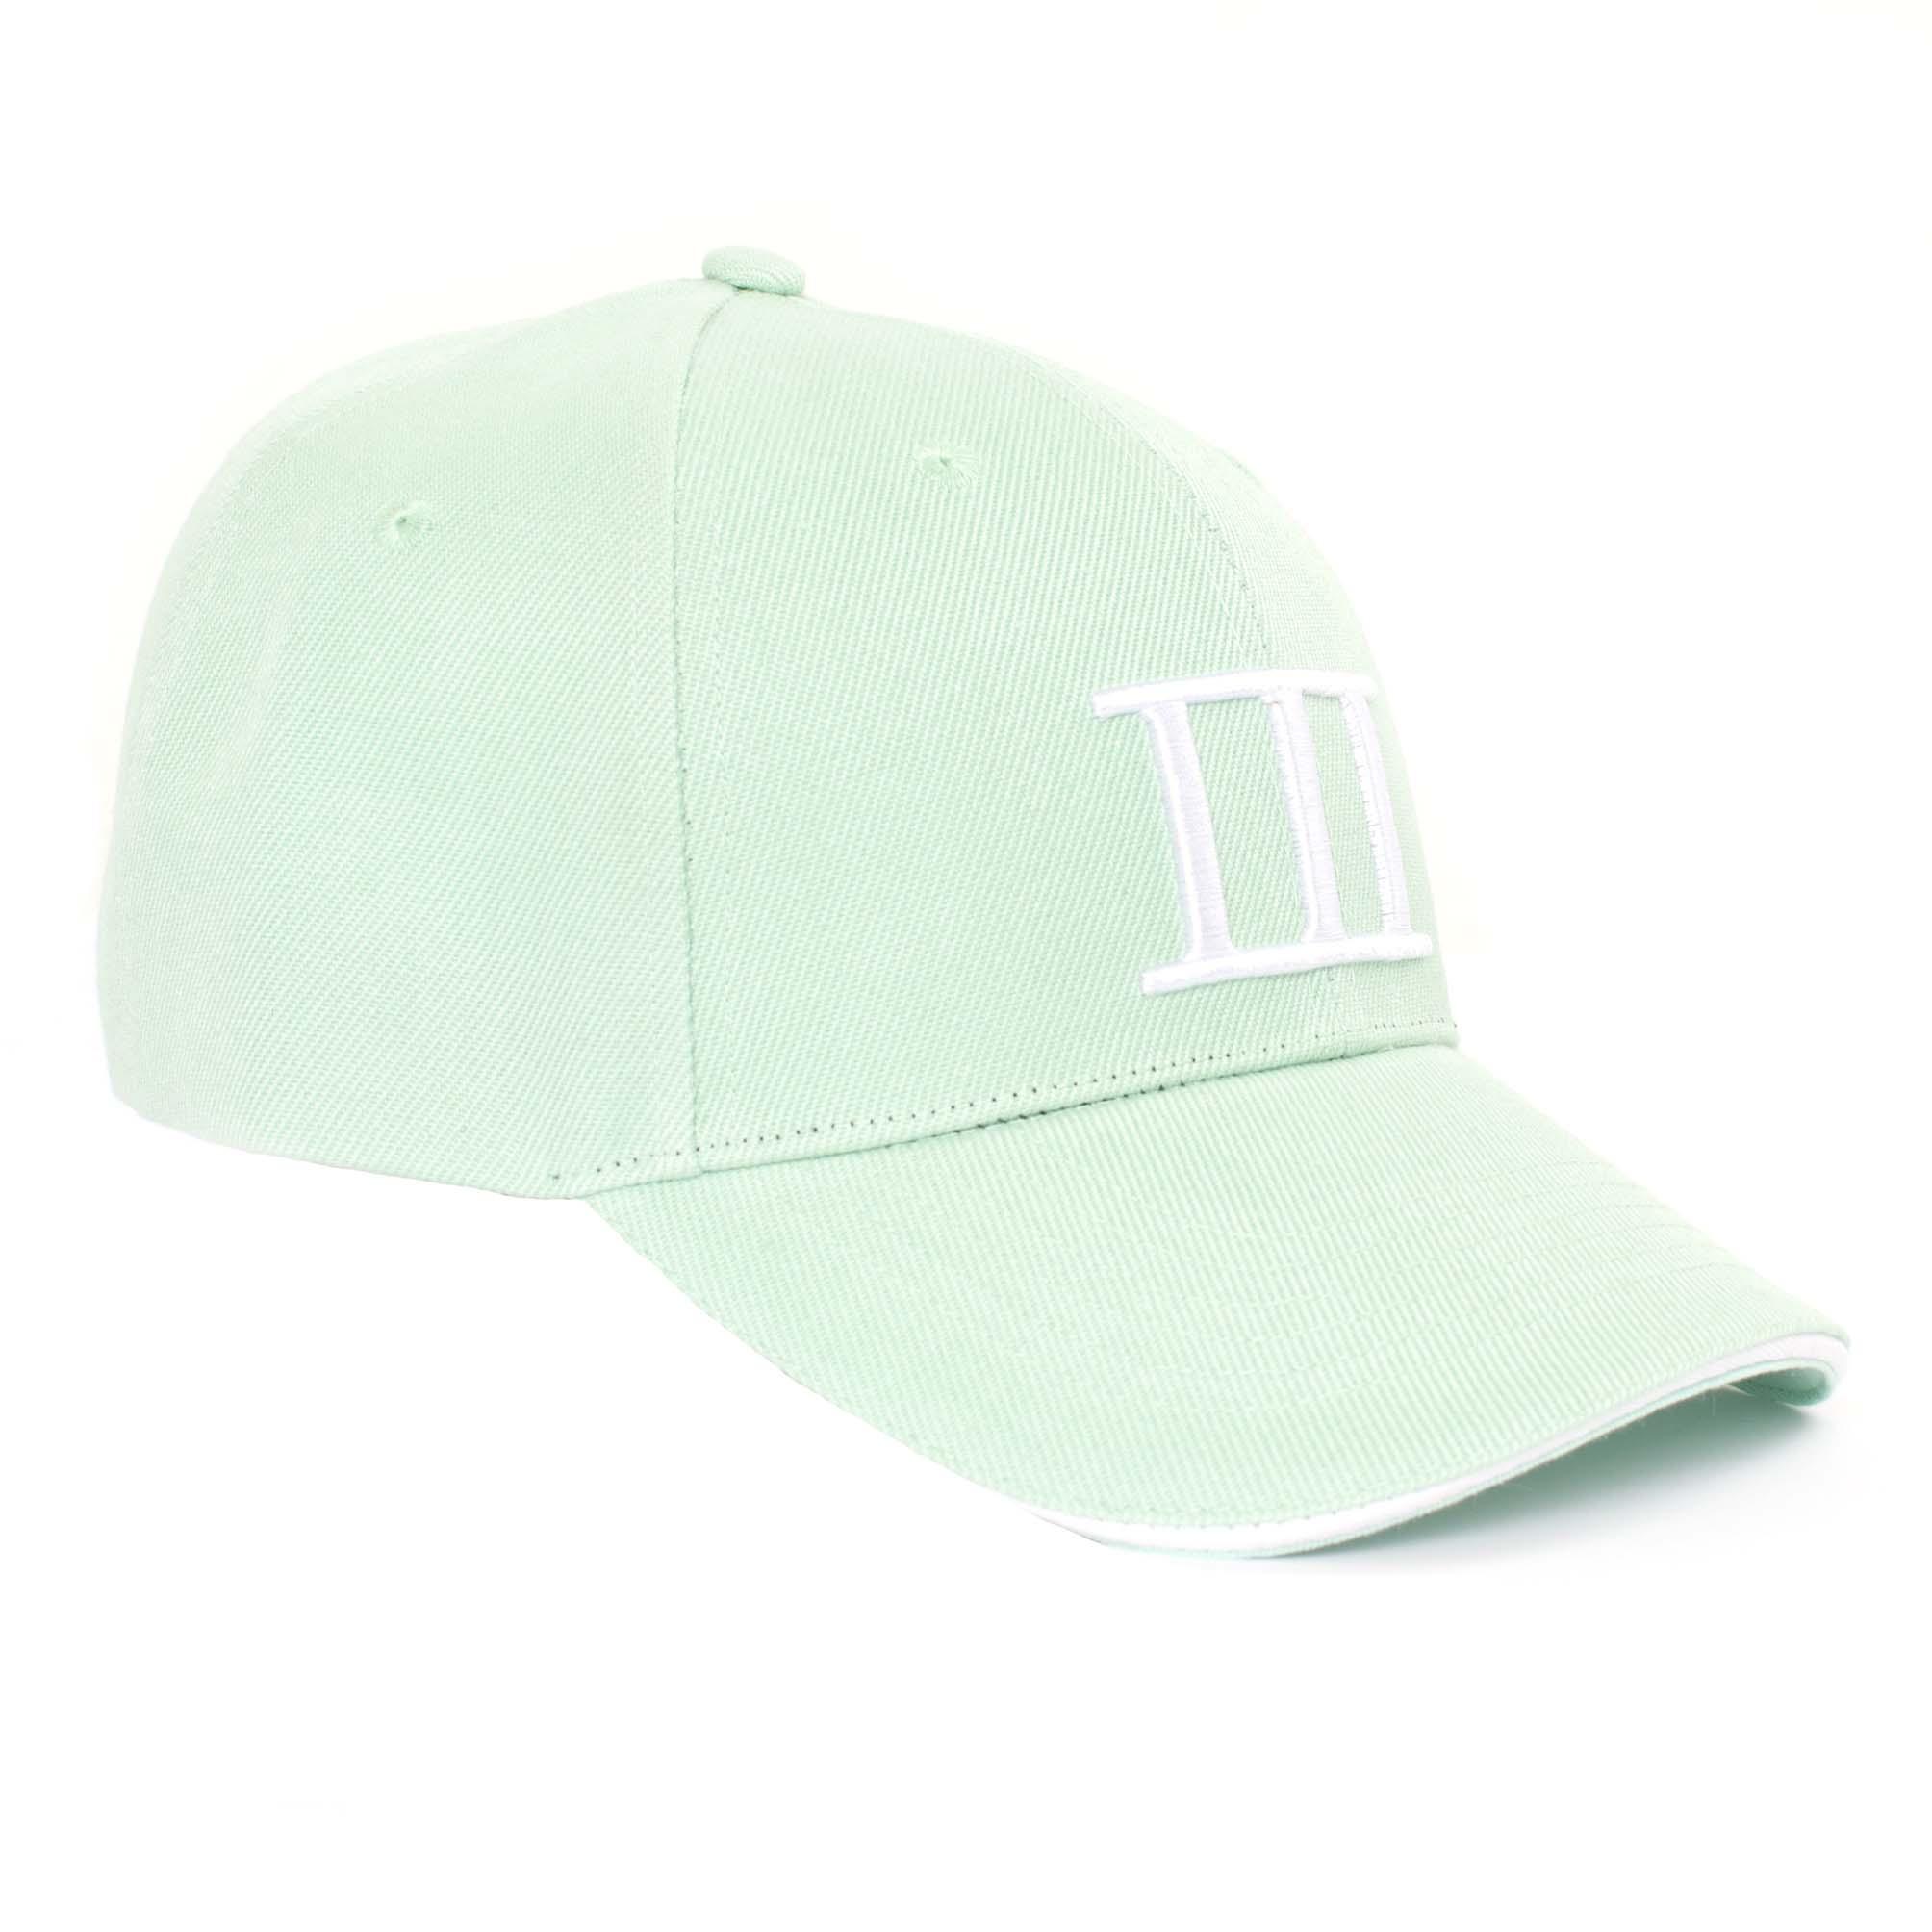 Tresanti baseball cap mint green